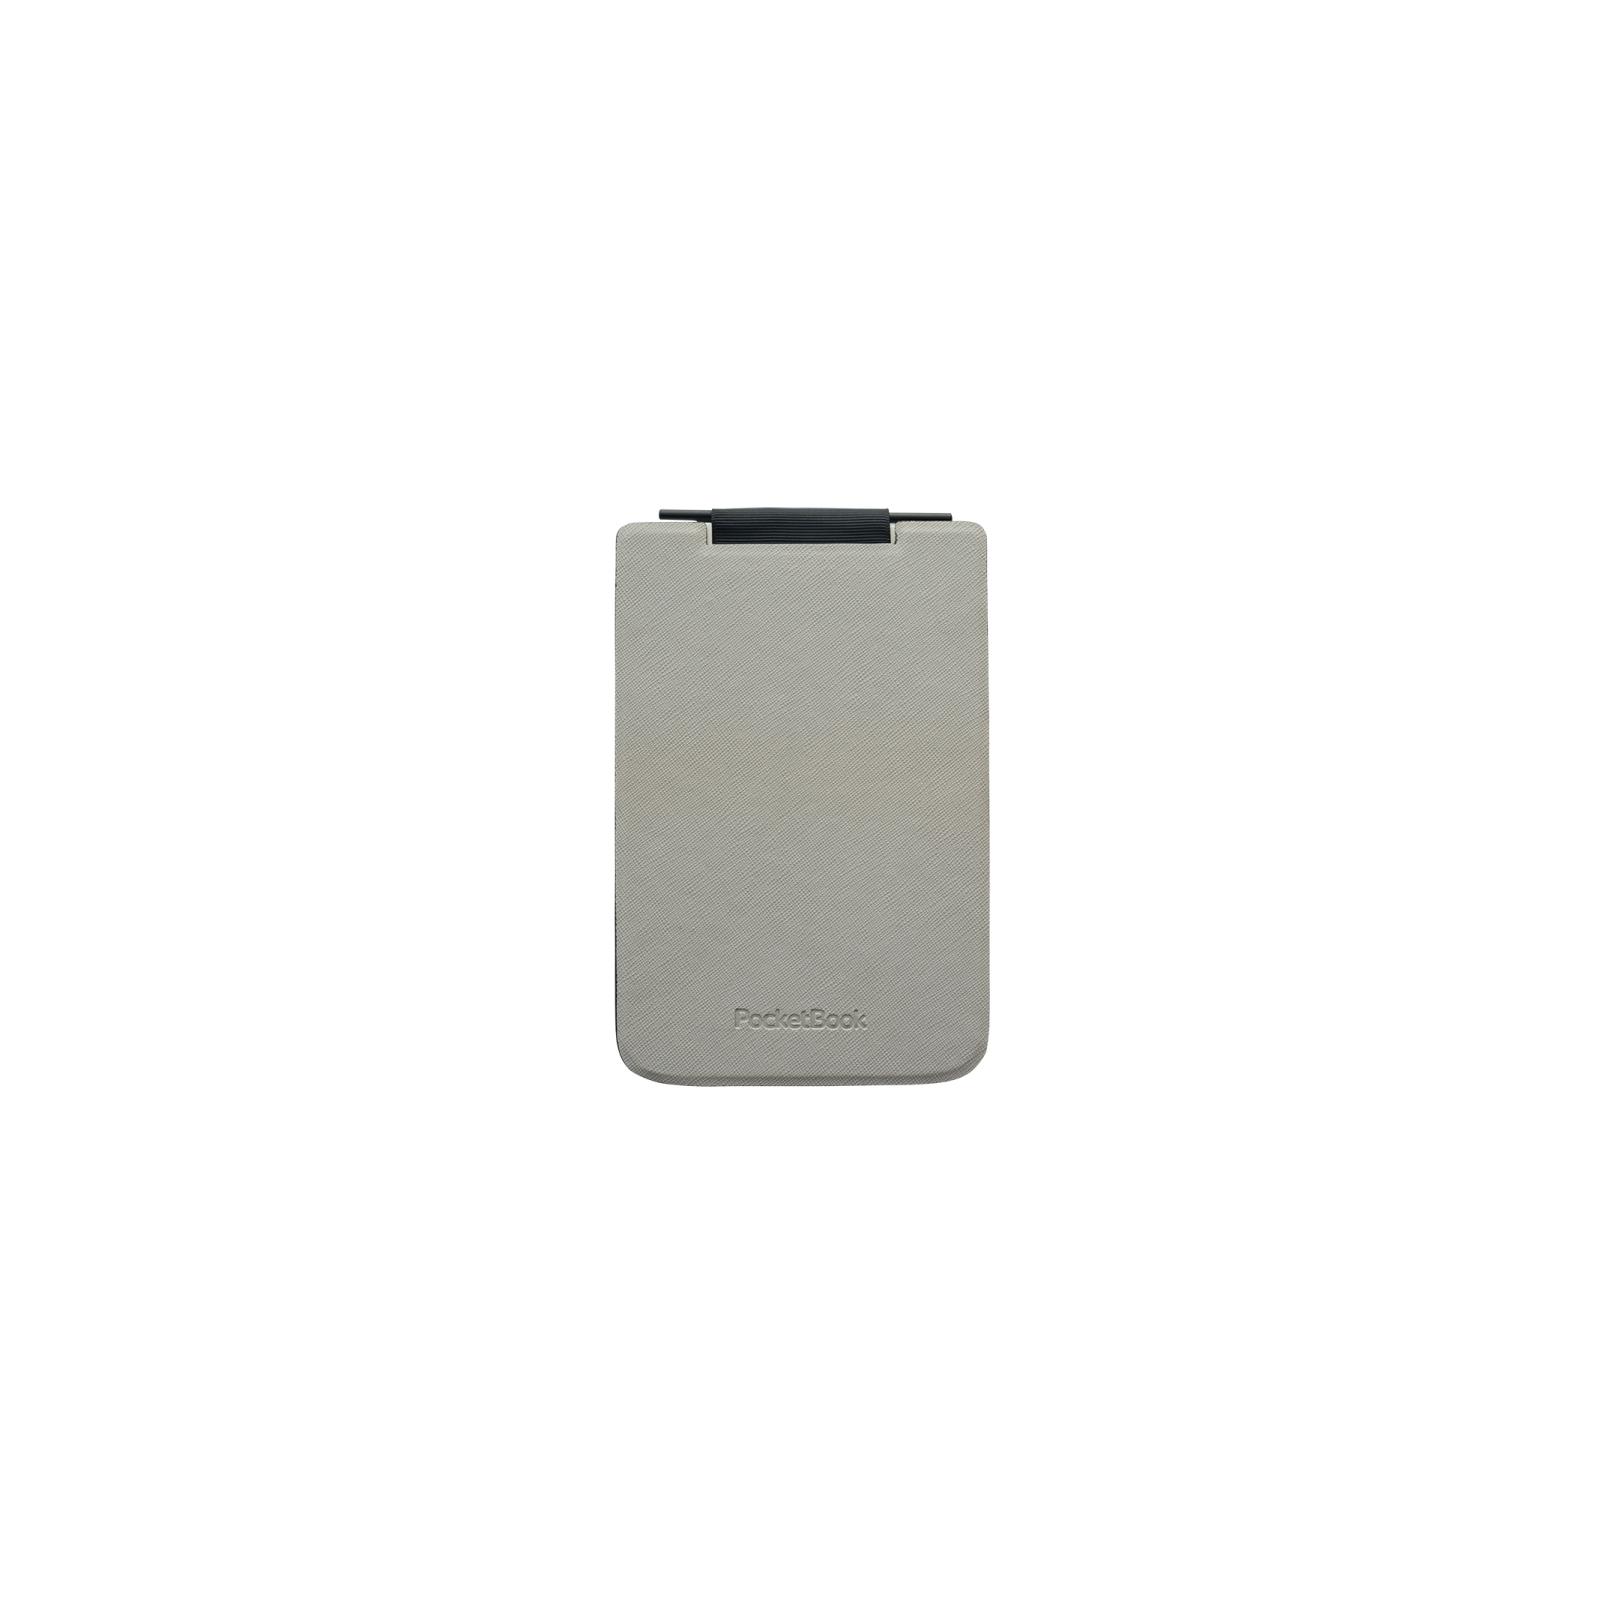 Чехол для электронной книги PocketBook PB624 Flip grey/black (PBPUC-624-GYBC-RD)